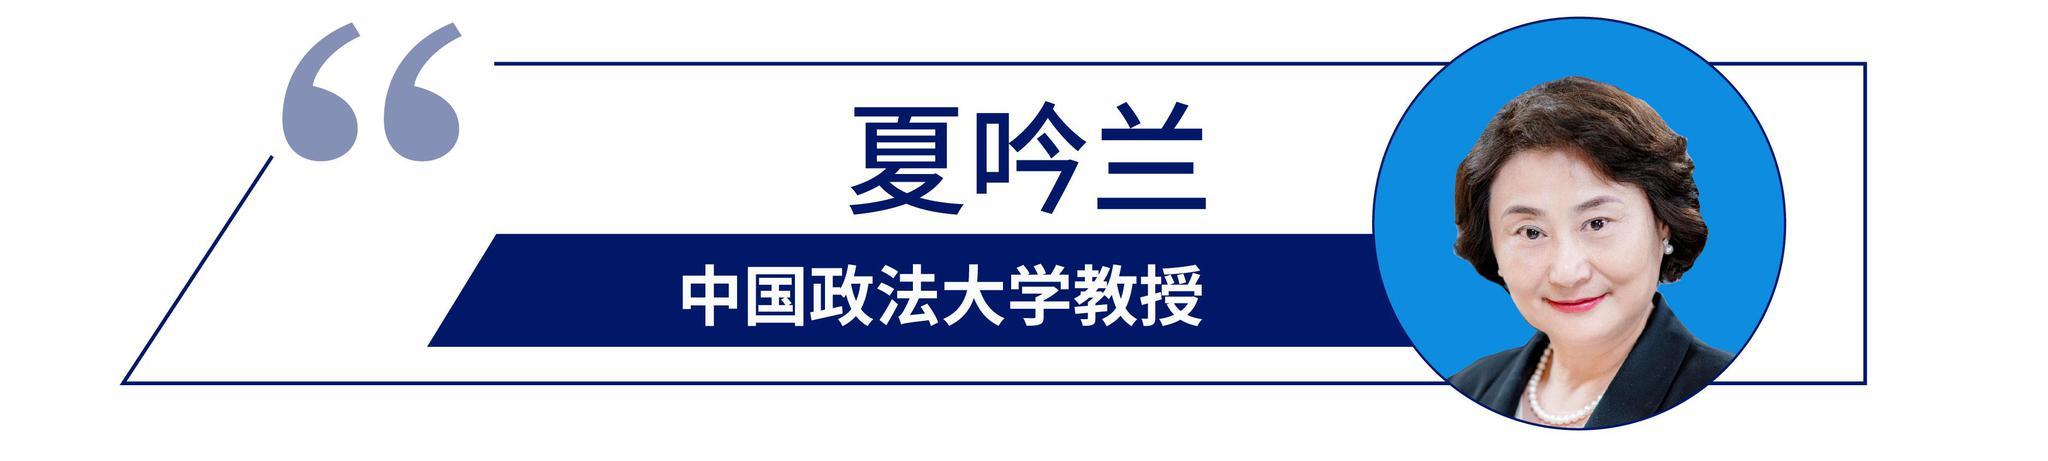 """必发交易所官网的微博 """"中国猪""""?对这一疑似辱华言论,瑞银发声明了"""